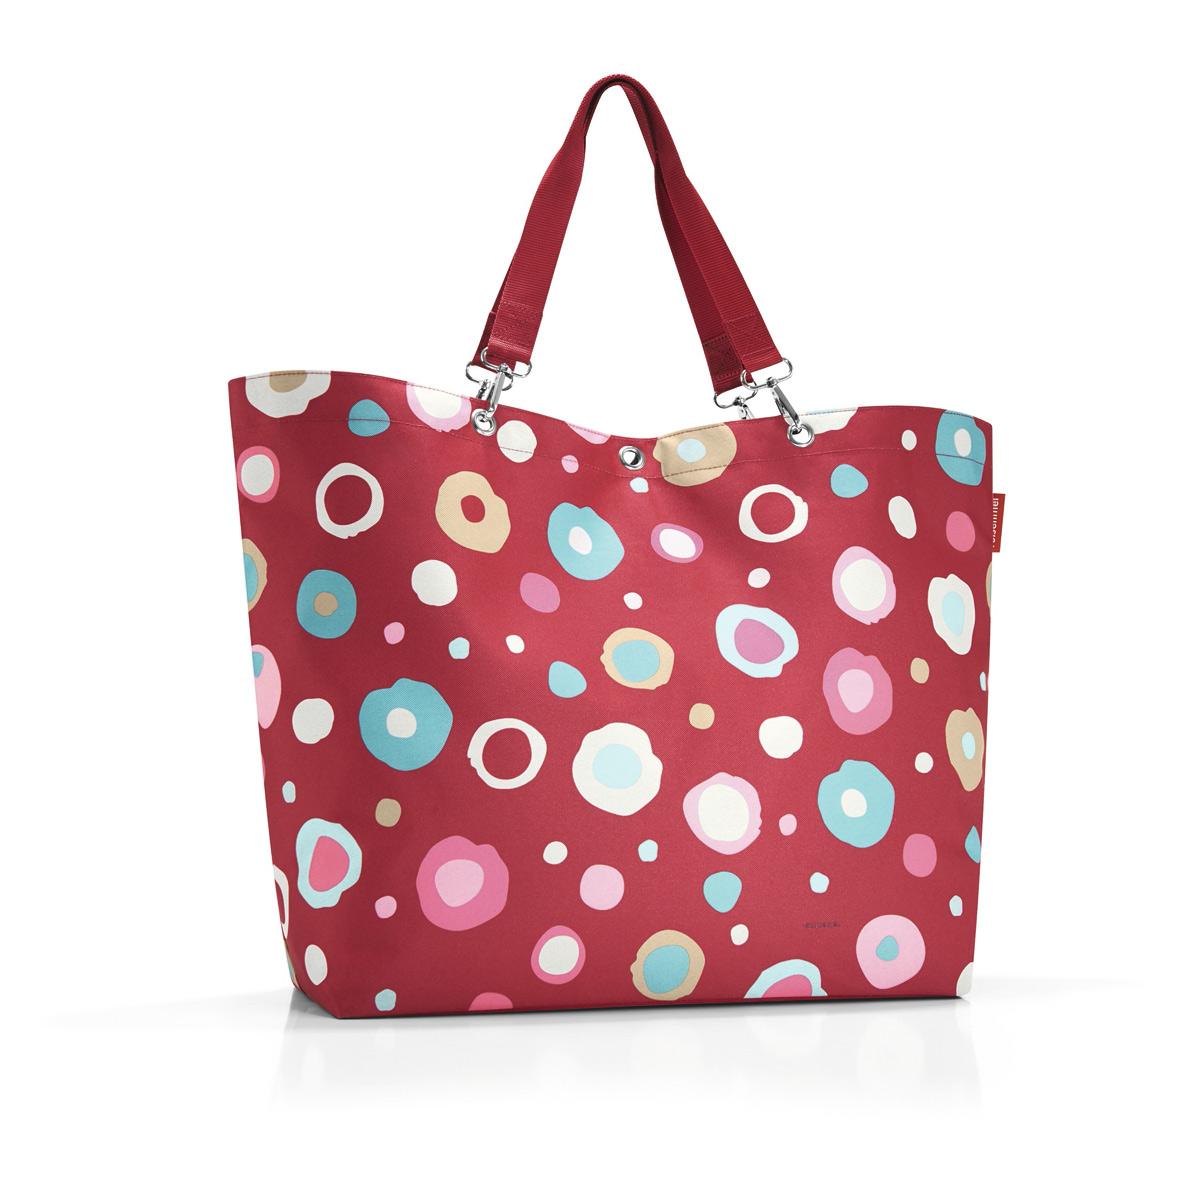 Сумка-шоппер женская Reisenthel, цвет: красный, белый. ZU3048ML597BUL/DОтличная сумка для похода за продуктами, для путешествий и спортзала: прочные удобные лямки на карабинах распределяют нагрузку на плечо, а объем 35 литров позволяет вместить всё нужное и даже чуть больше. Застегивается на молнию. Внутри - кармашек на молнии для мелочей и карман для мобильного телефона.